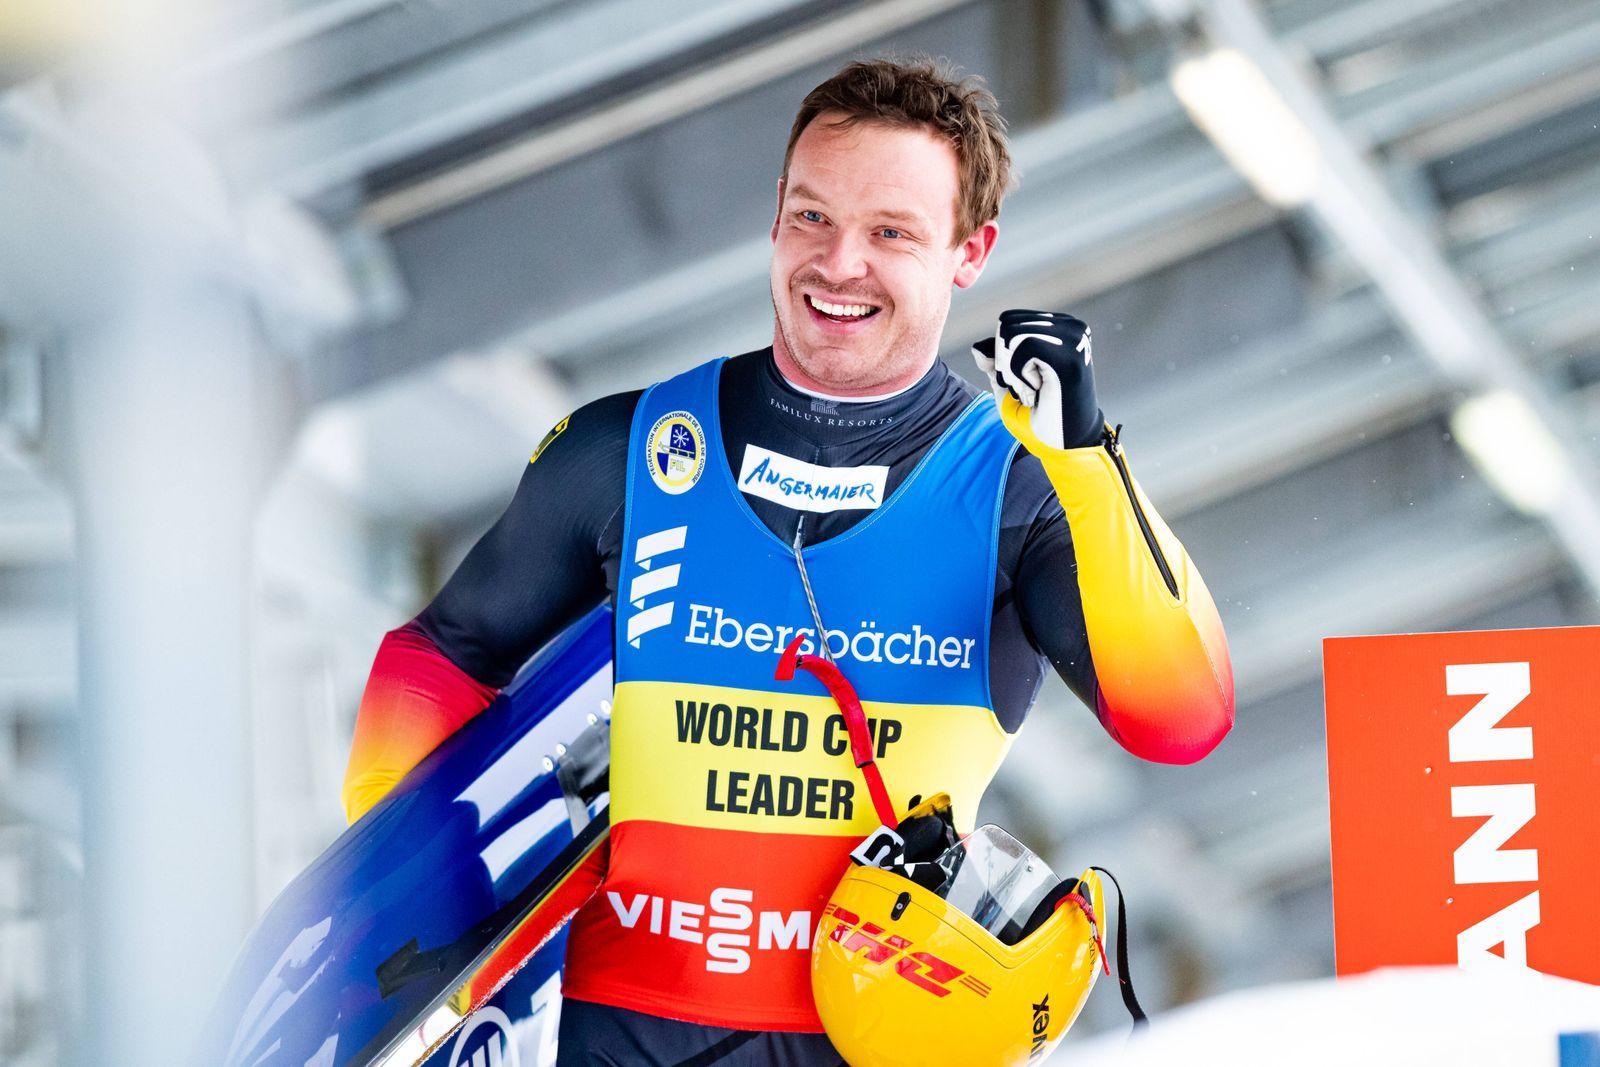 Sport Themen der Woche KW02 Sport Bilder des Tages 16.01.2020, GER, Rennrodel Weltcup Men Competition, Saison 2020/2021